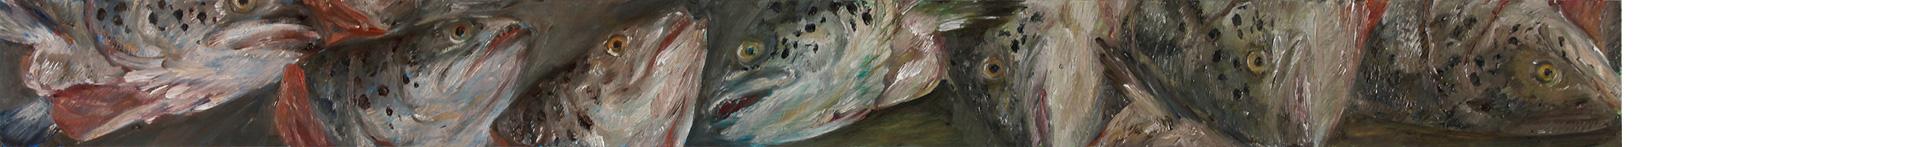 Lachskopffries 2, 2019, 110 x 10 cm, Öl auf MDF